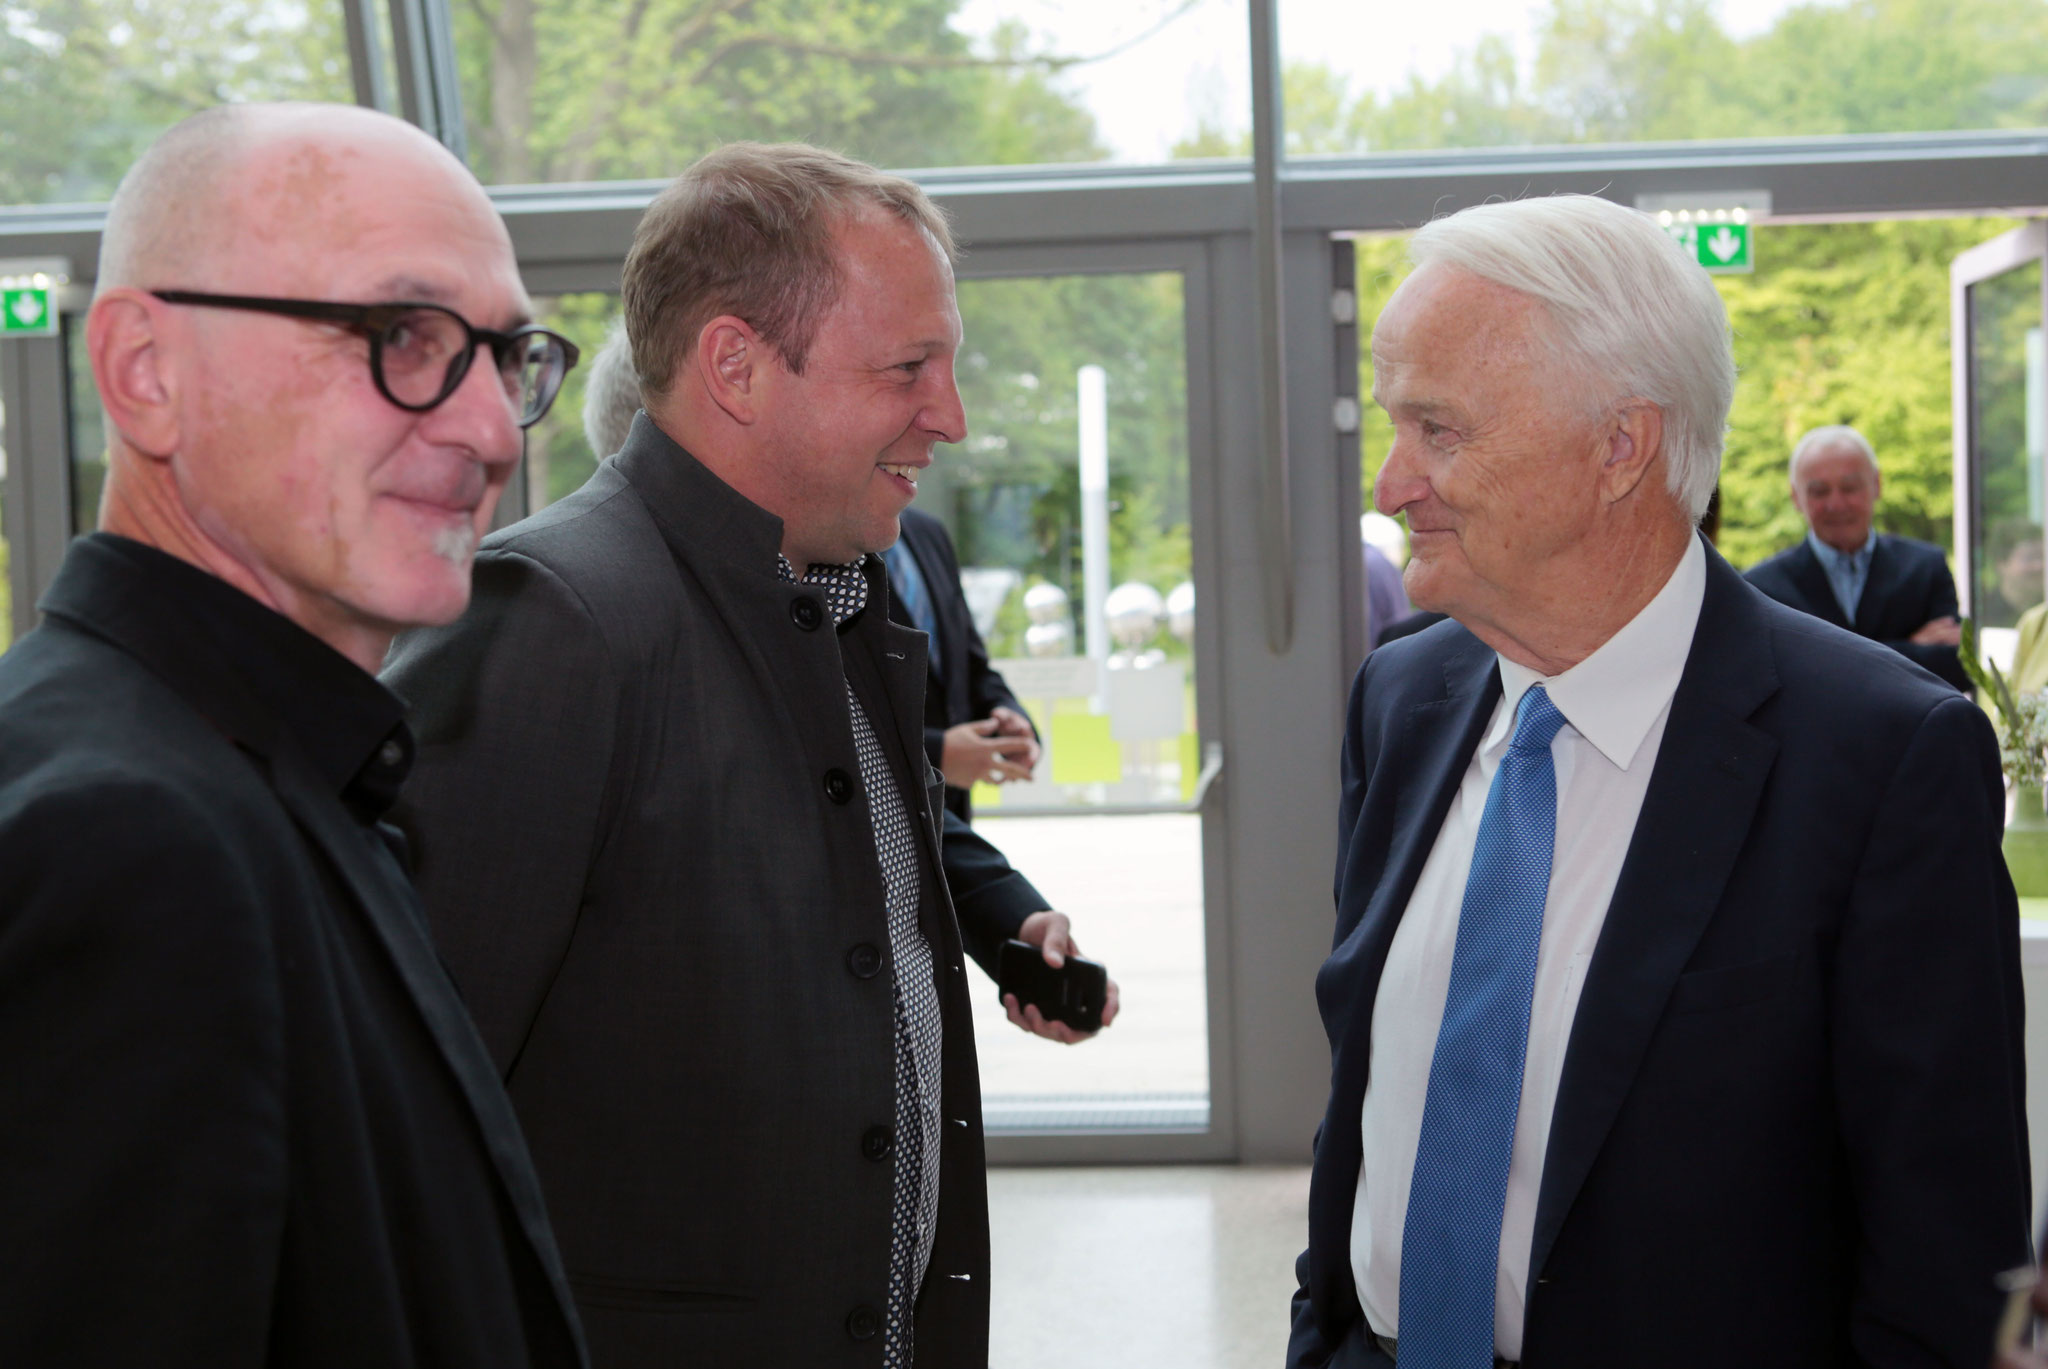 v.l.: Valentin Schweitzer, Gernot Koren, Werner Schöny